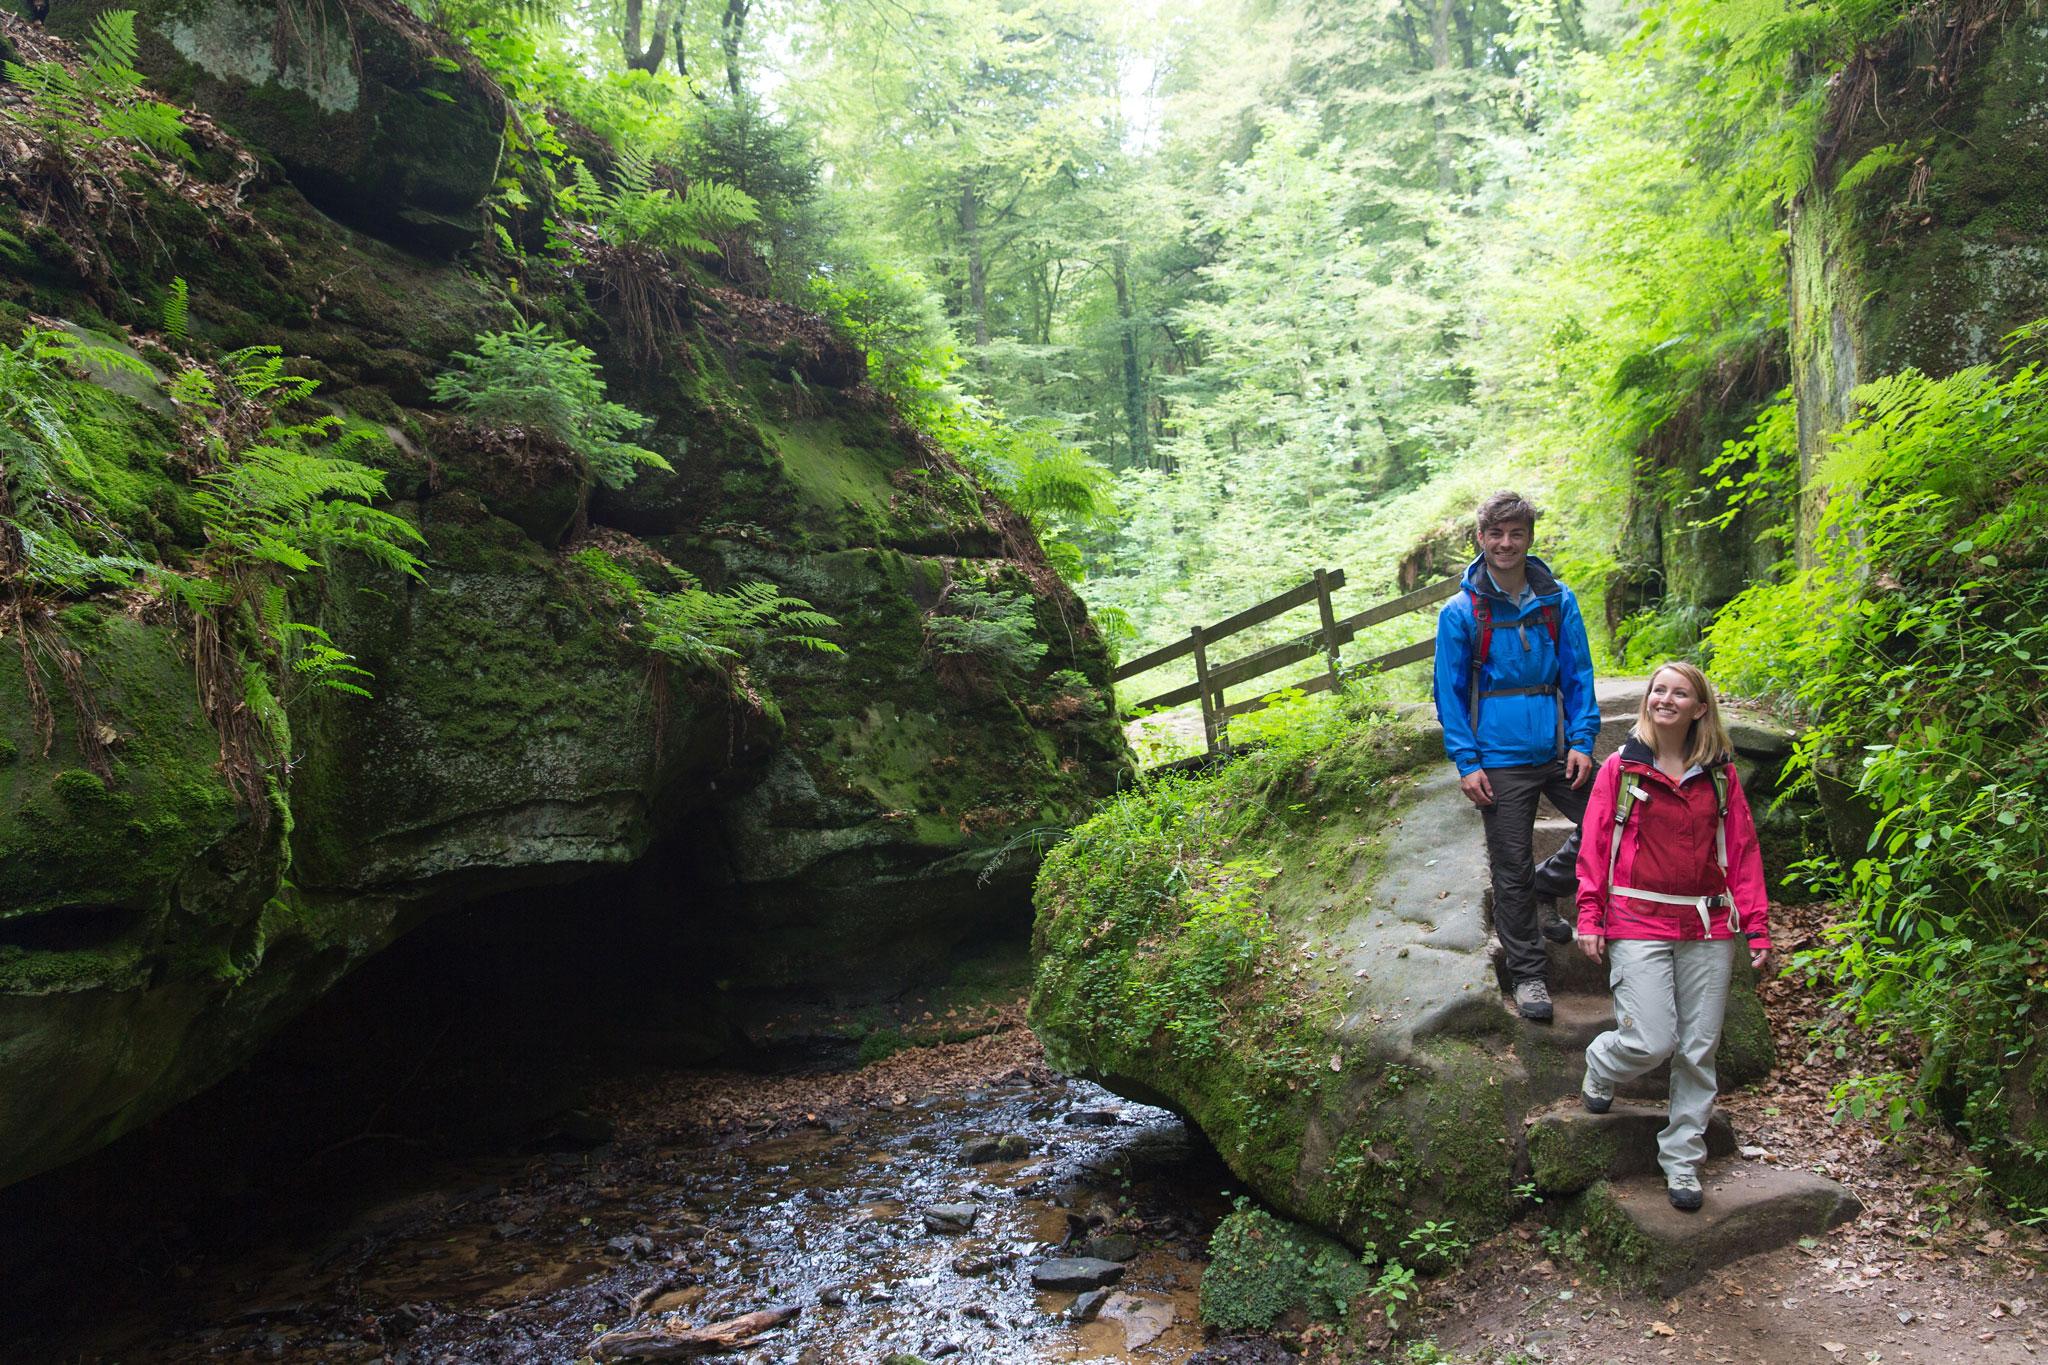 Wandern in der mystischen Felsenwelt Region Müllerthal © Best of Wandern, Thomas Bichler